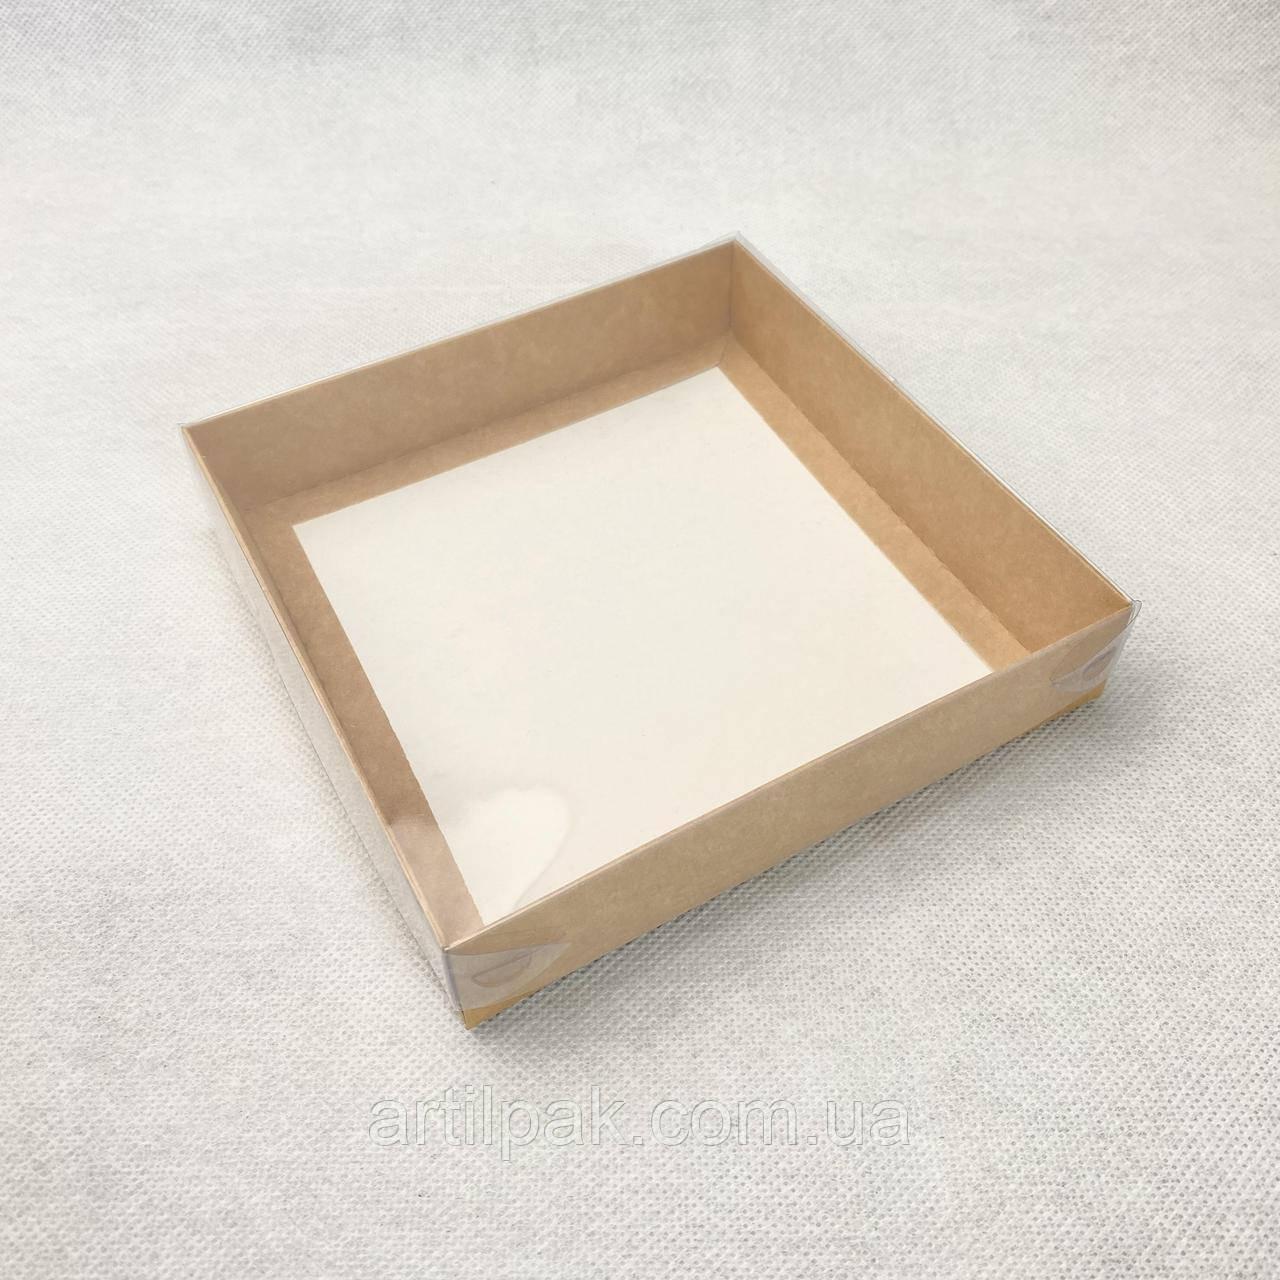 Коробка 150*150*30 КРАФТ з кришкою ПВХ